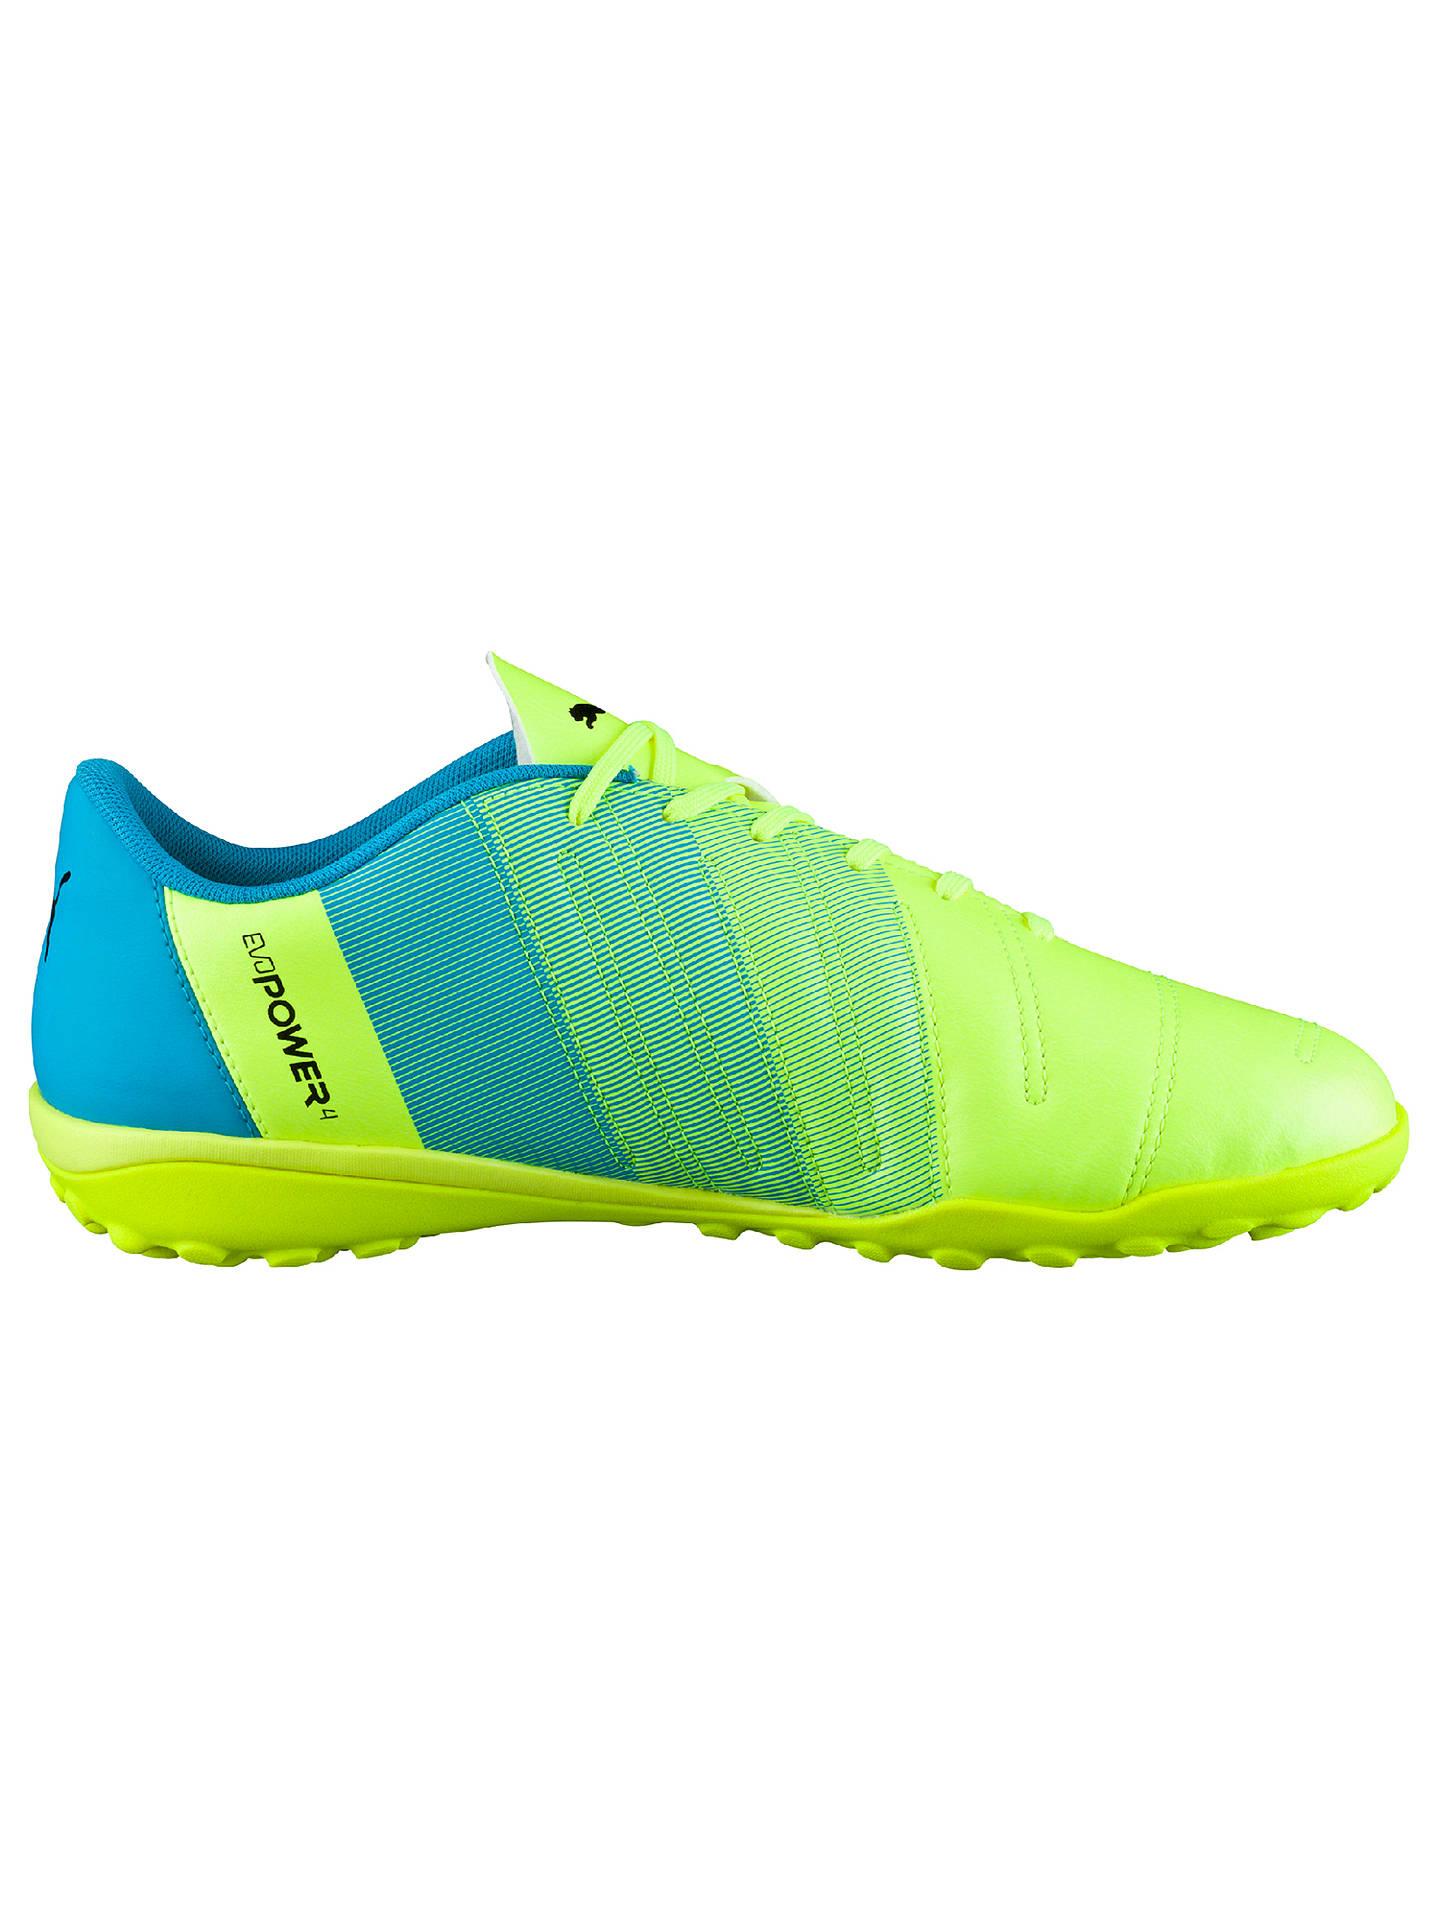 36910f34b461aa BuyPuma evoPOWER 4.3 TT Football Boots